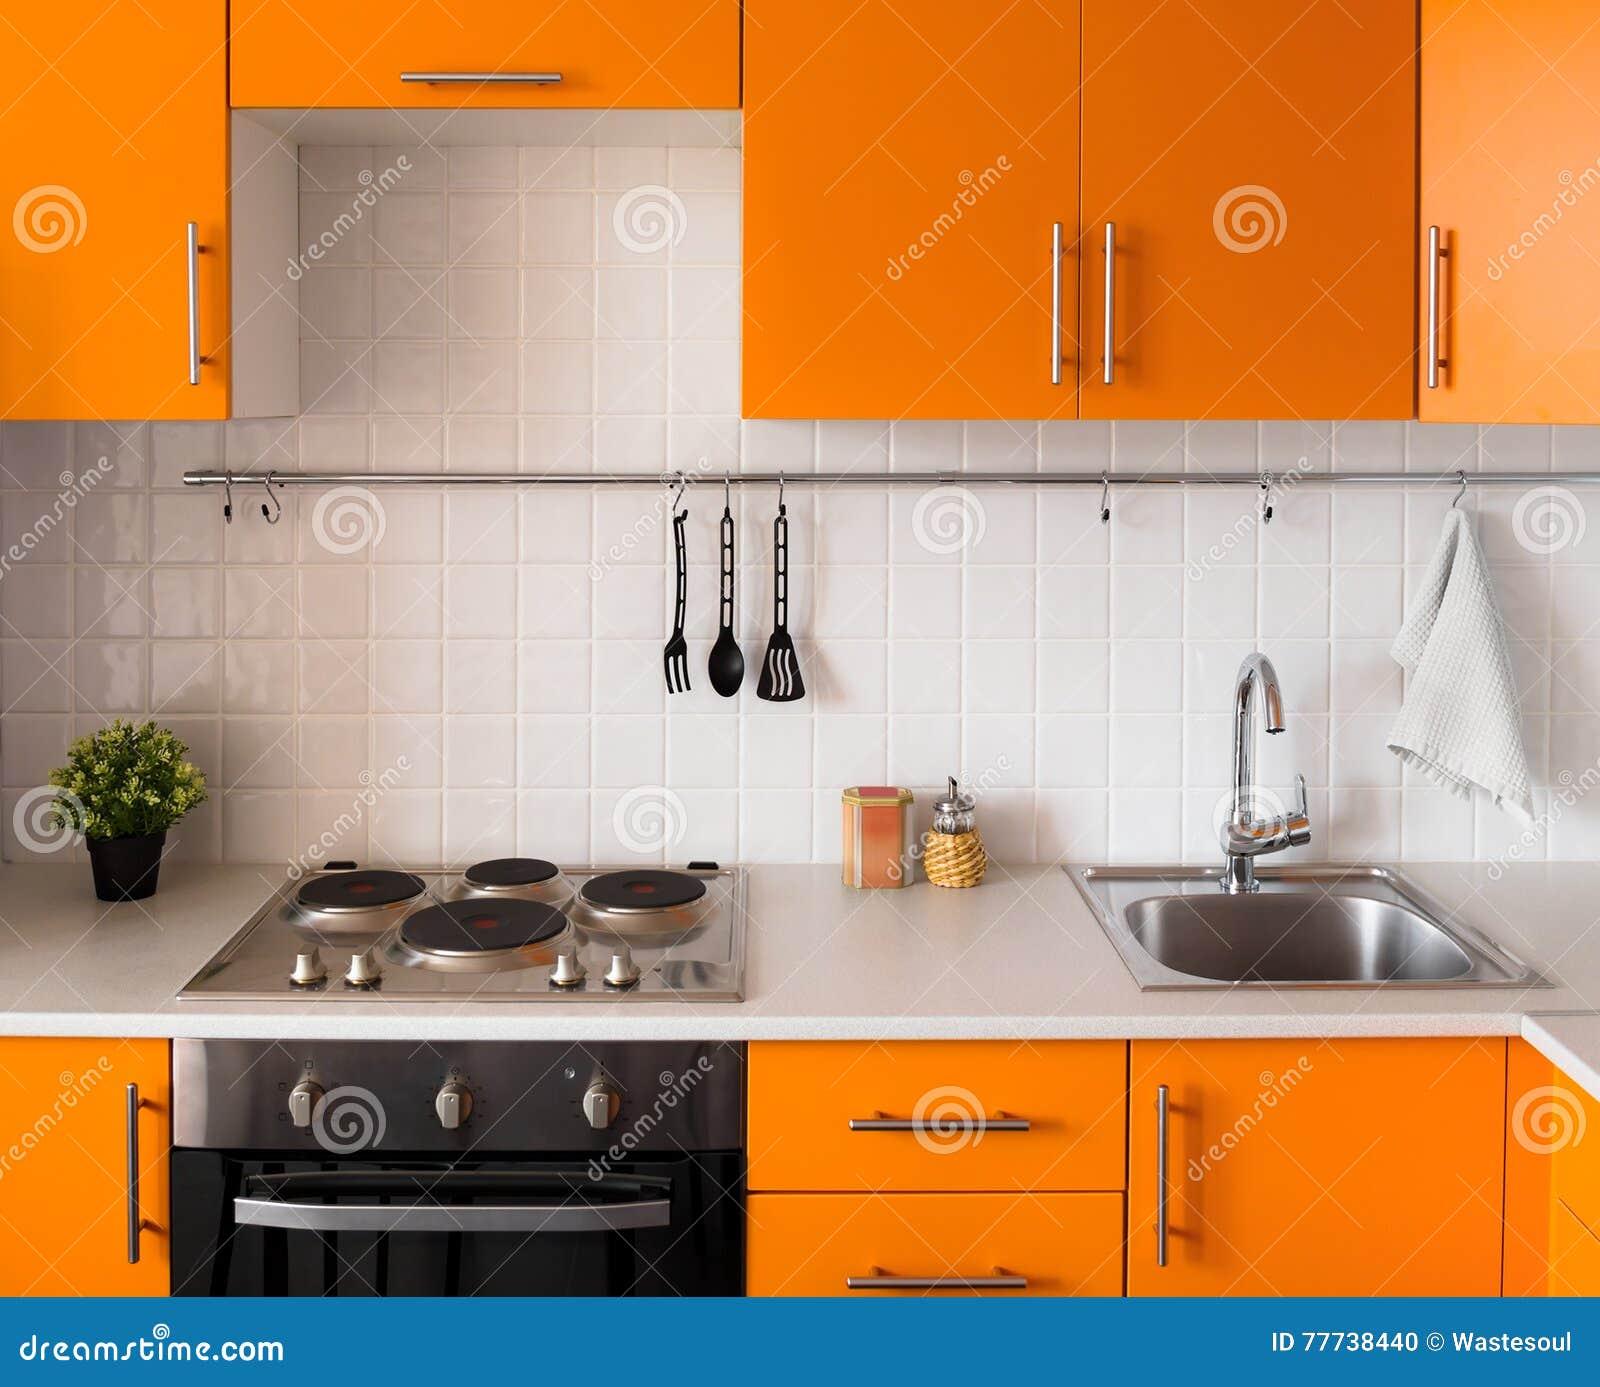 Cucina Moderna Arancione.Cucina Arancione Moderna Fotografia Stock Immagine Di